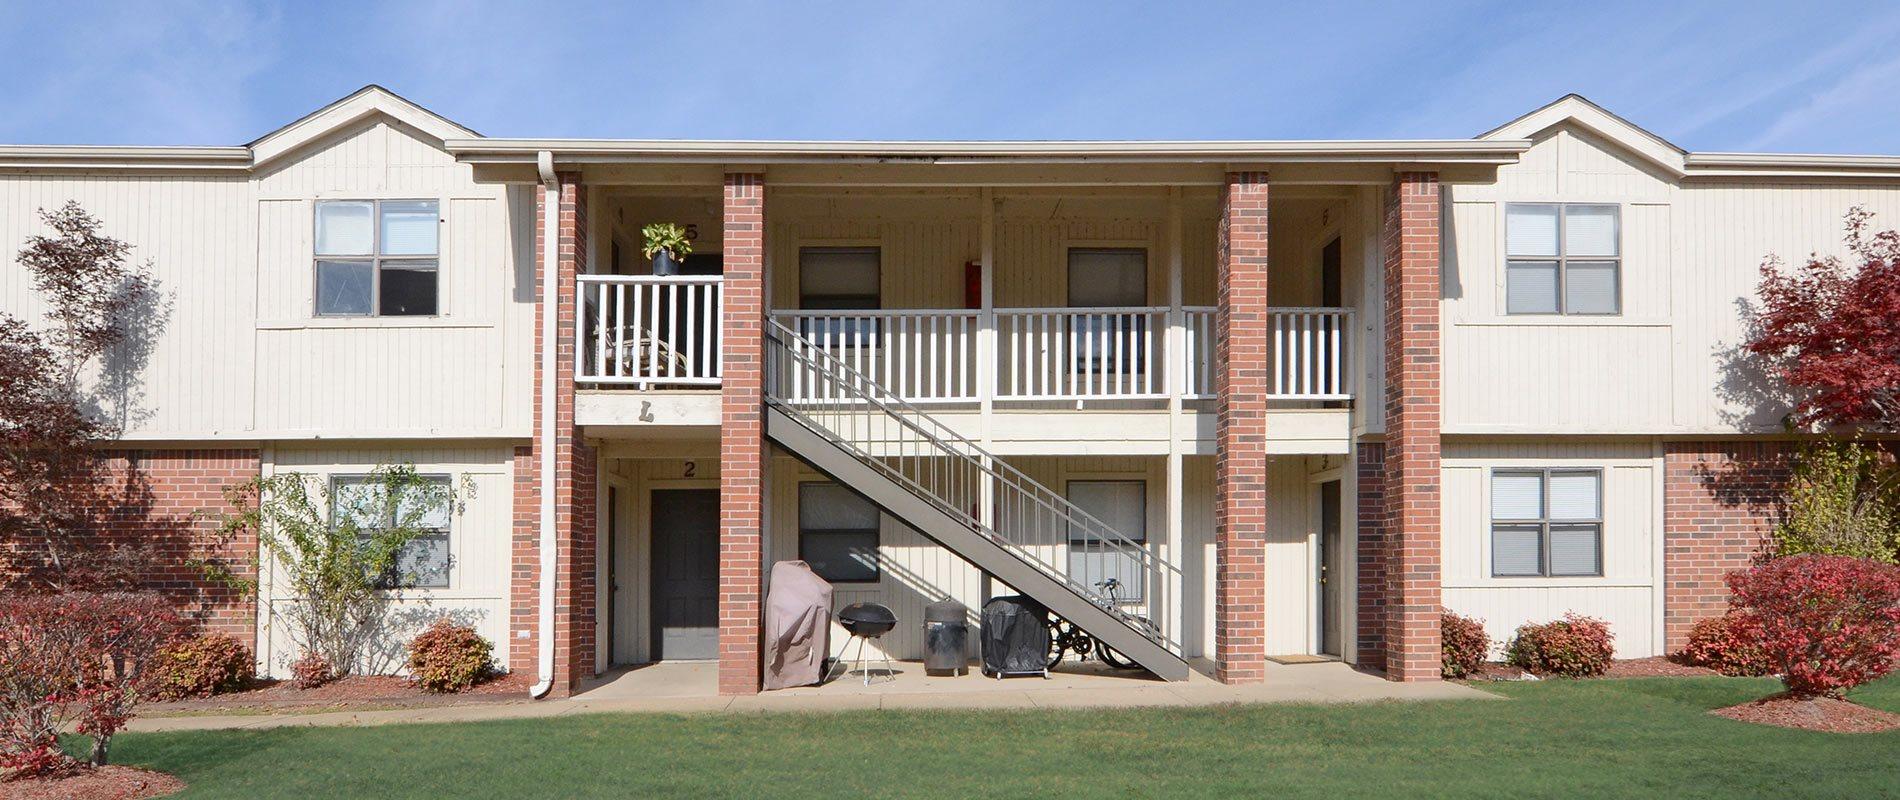 Jonesboro homepagegallery 1